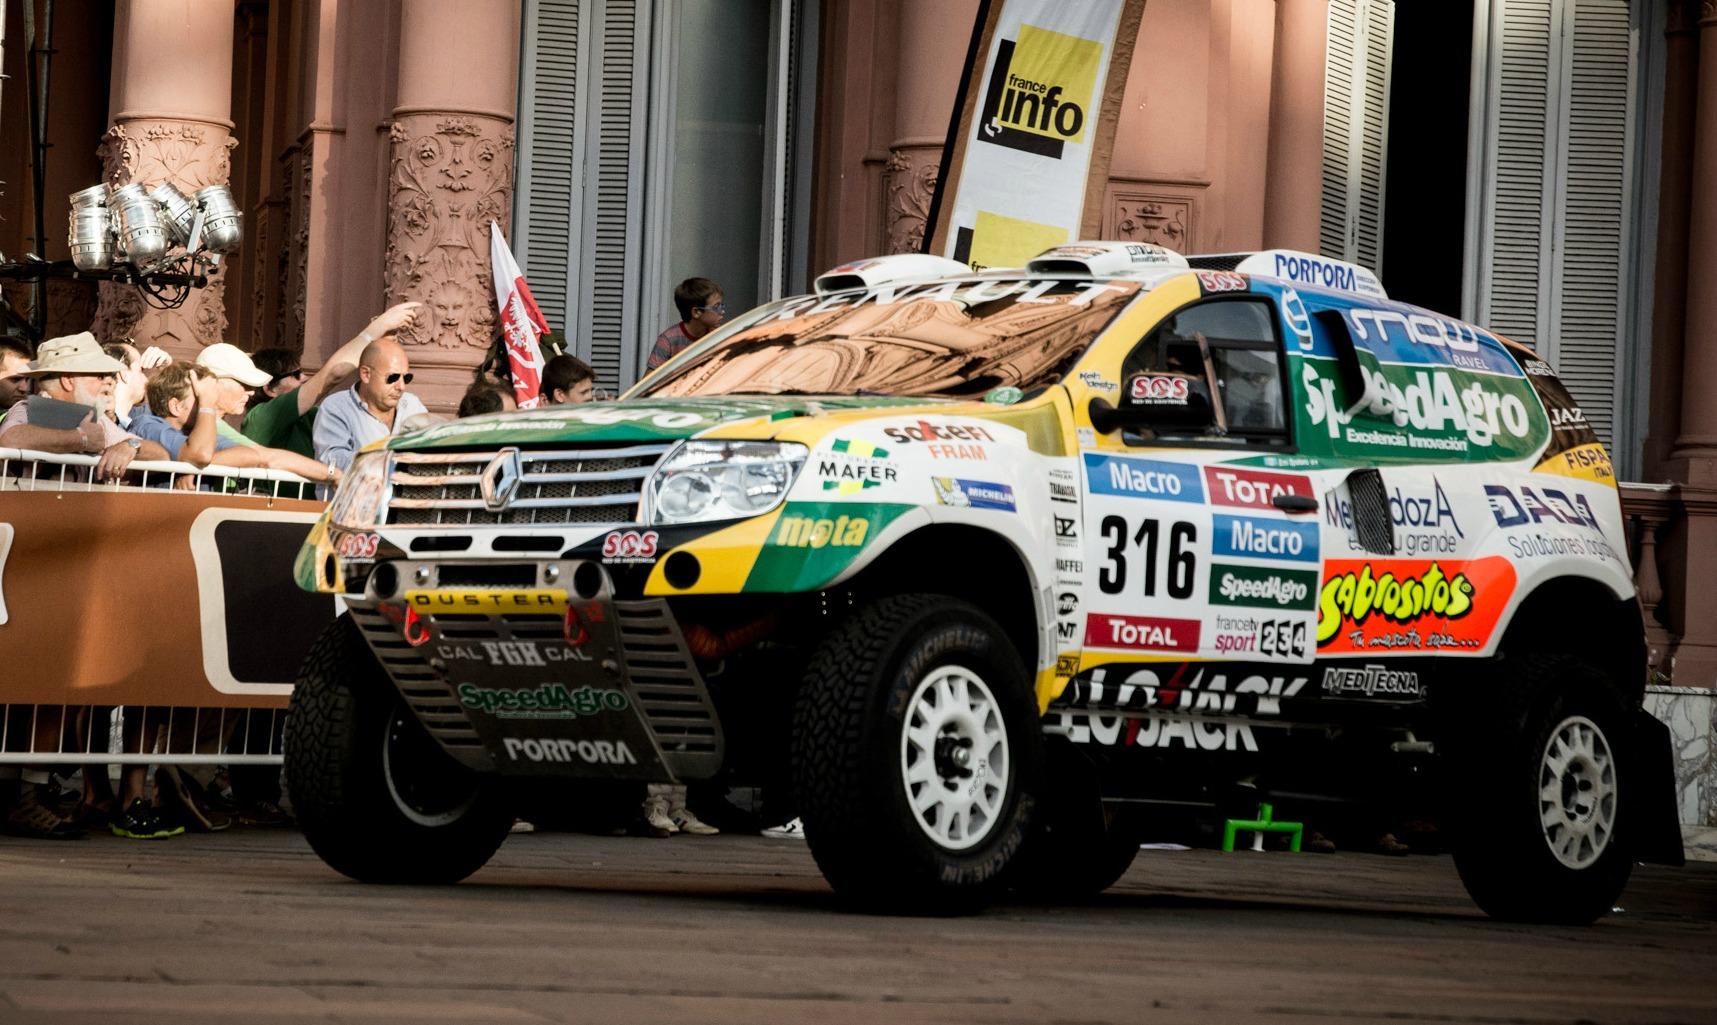 Fantástico comienzo del Renault Duster Team en el Dakar 2015: 6° puesto de Spataro